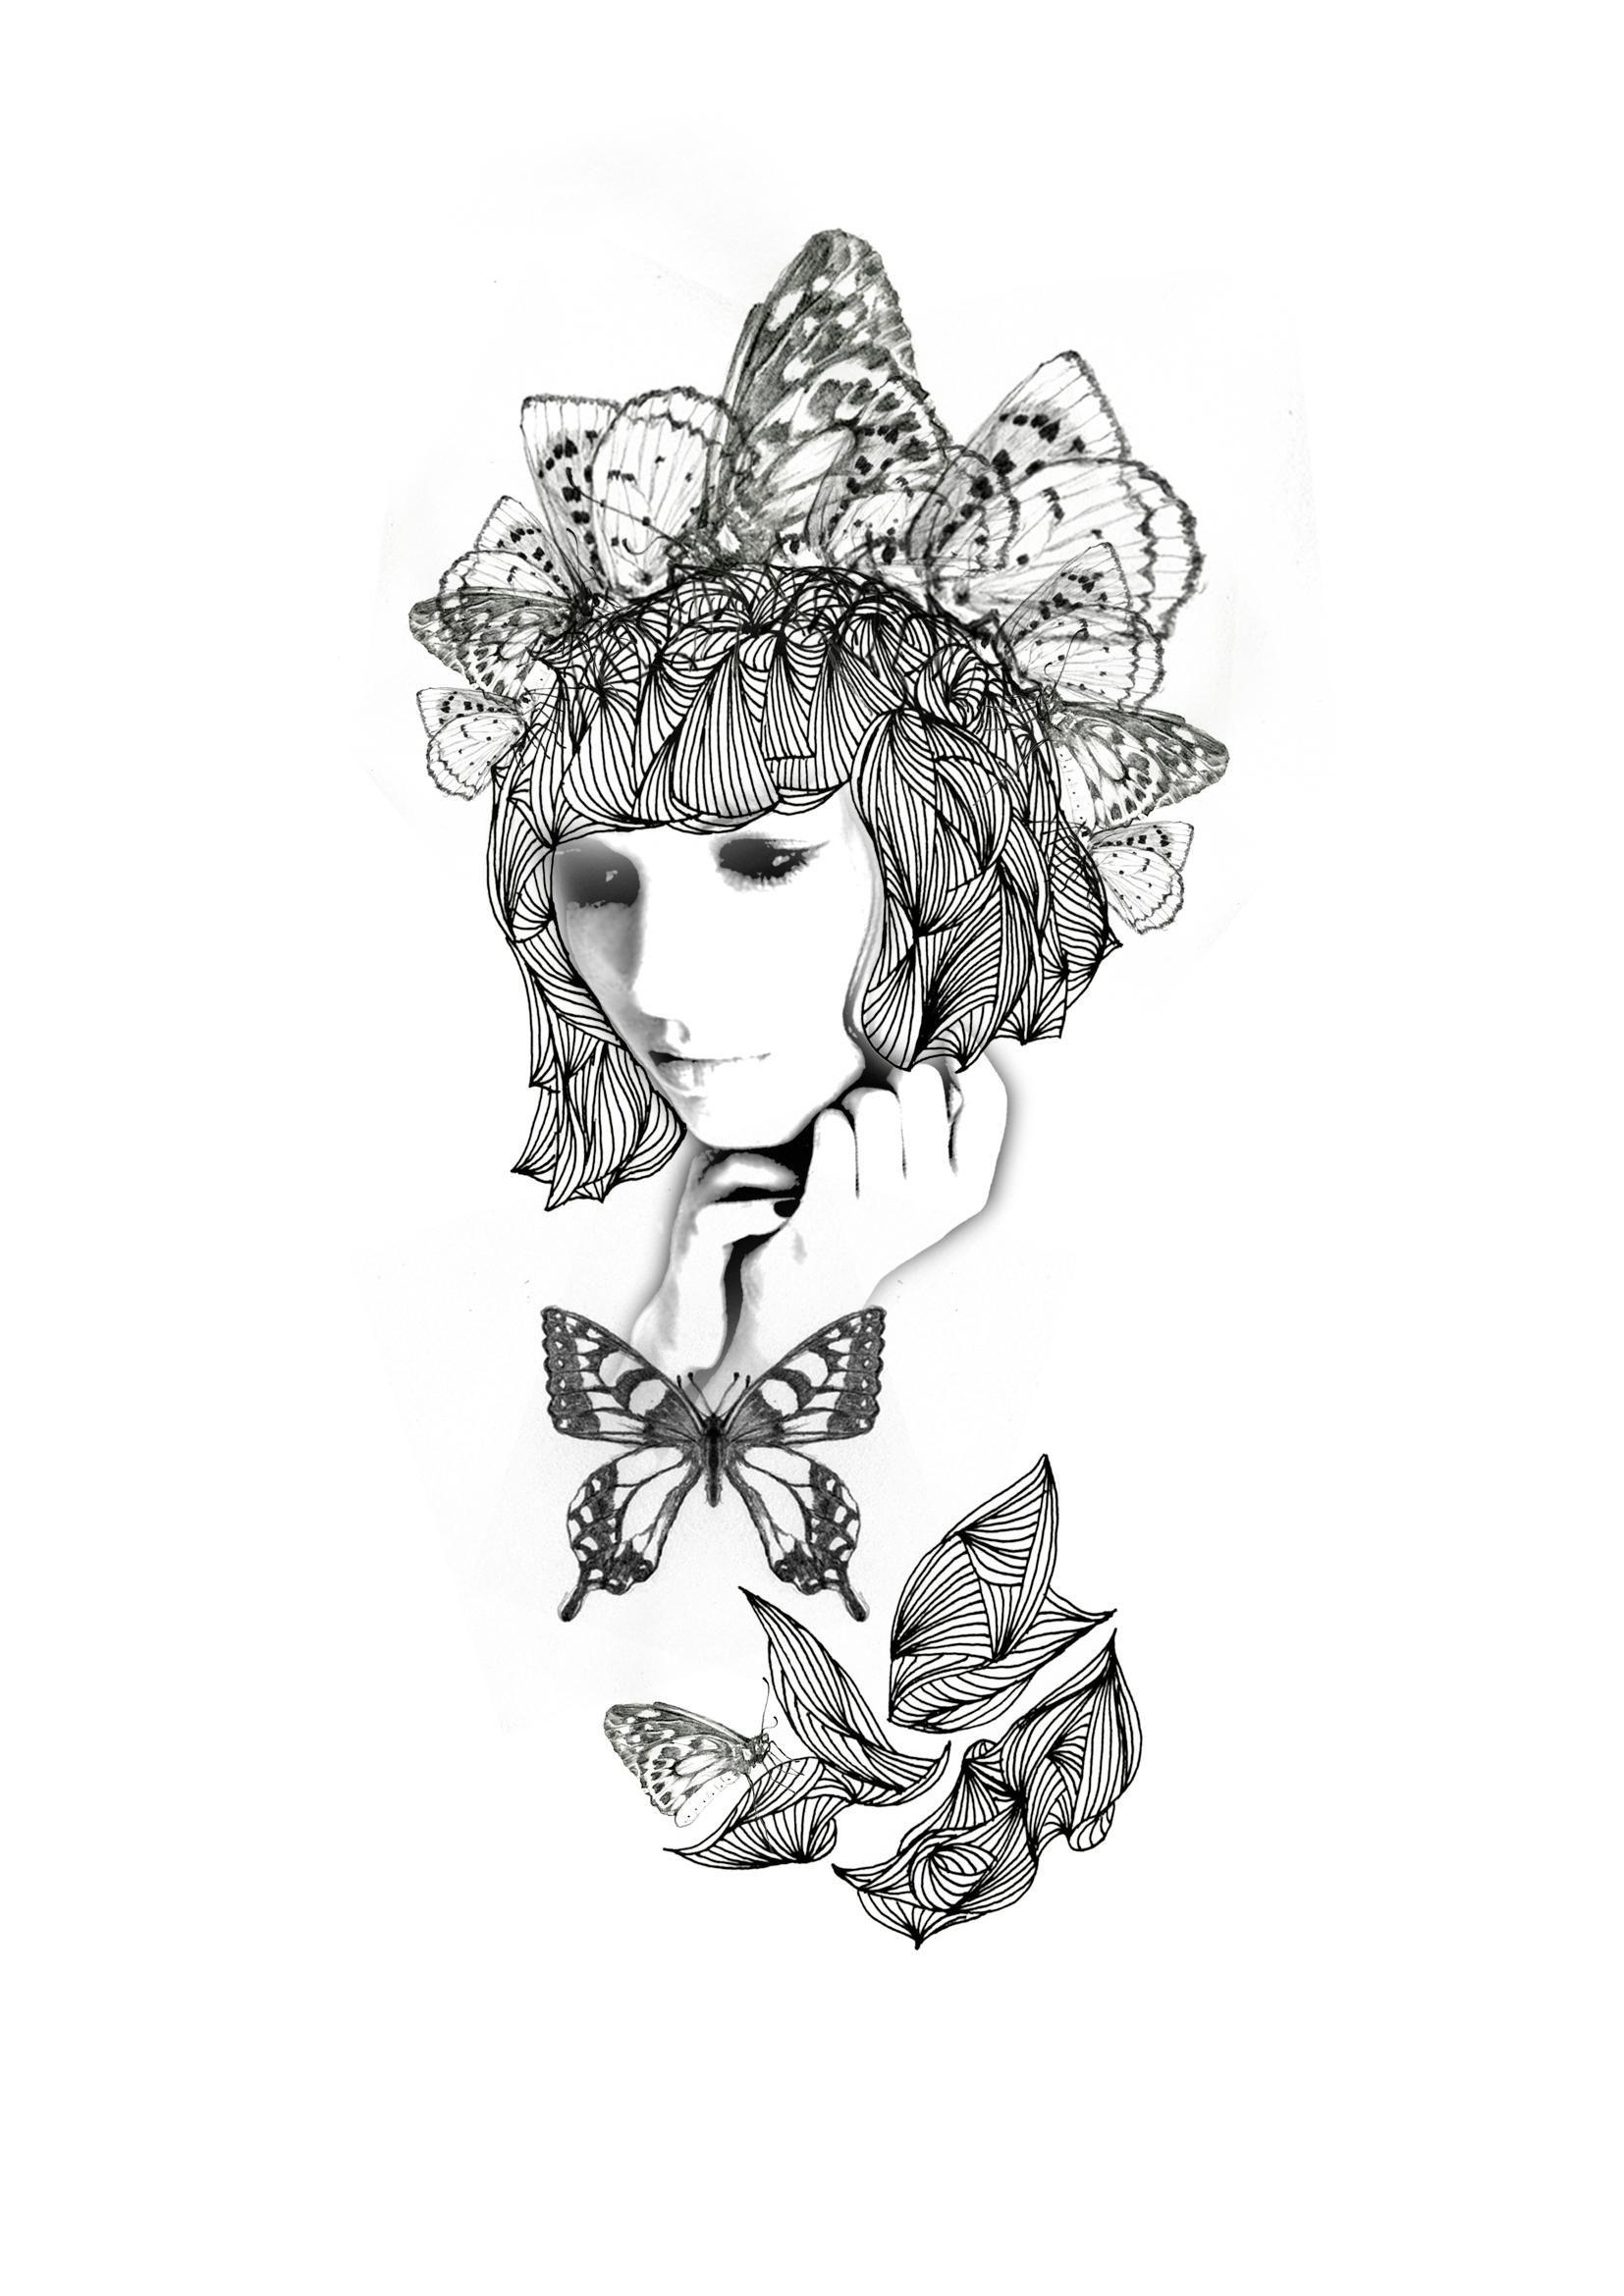 黑白时尚传统插画